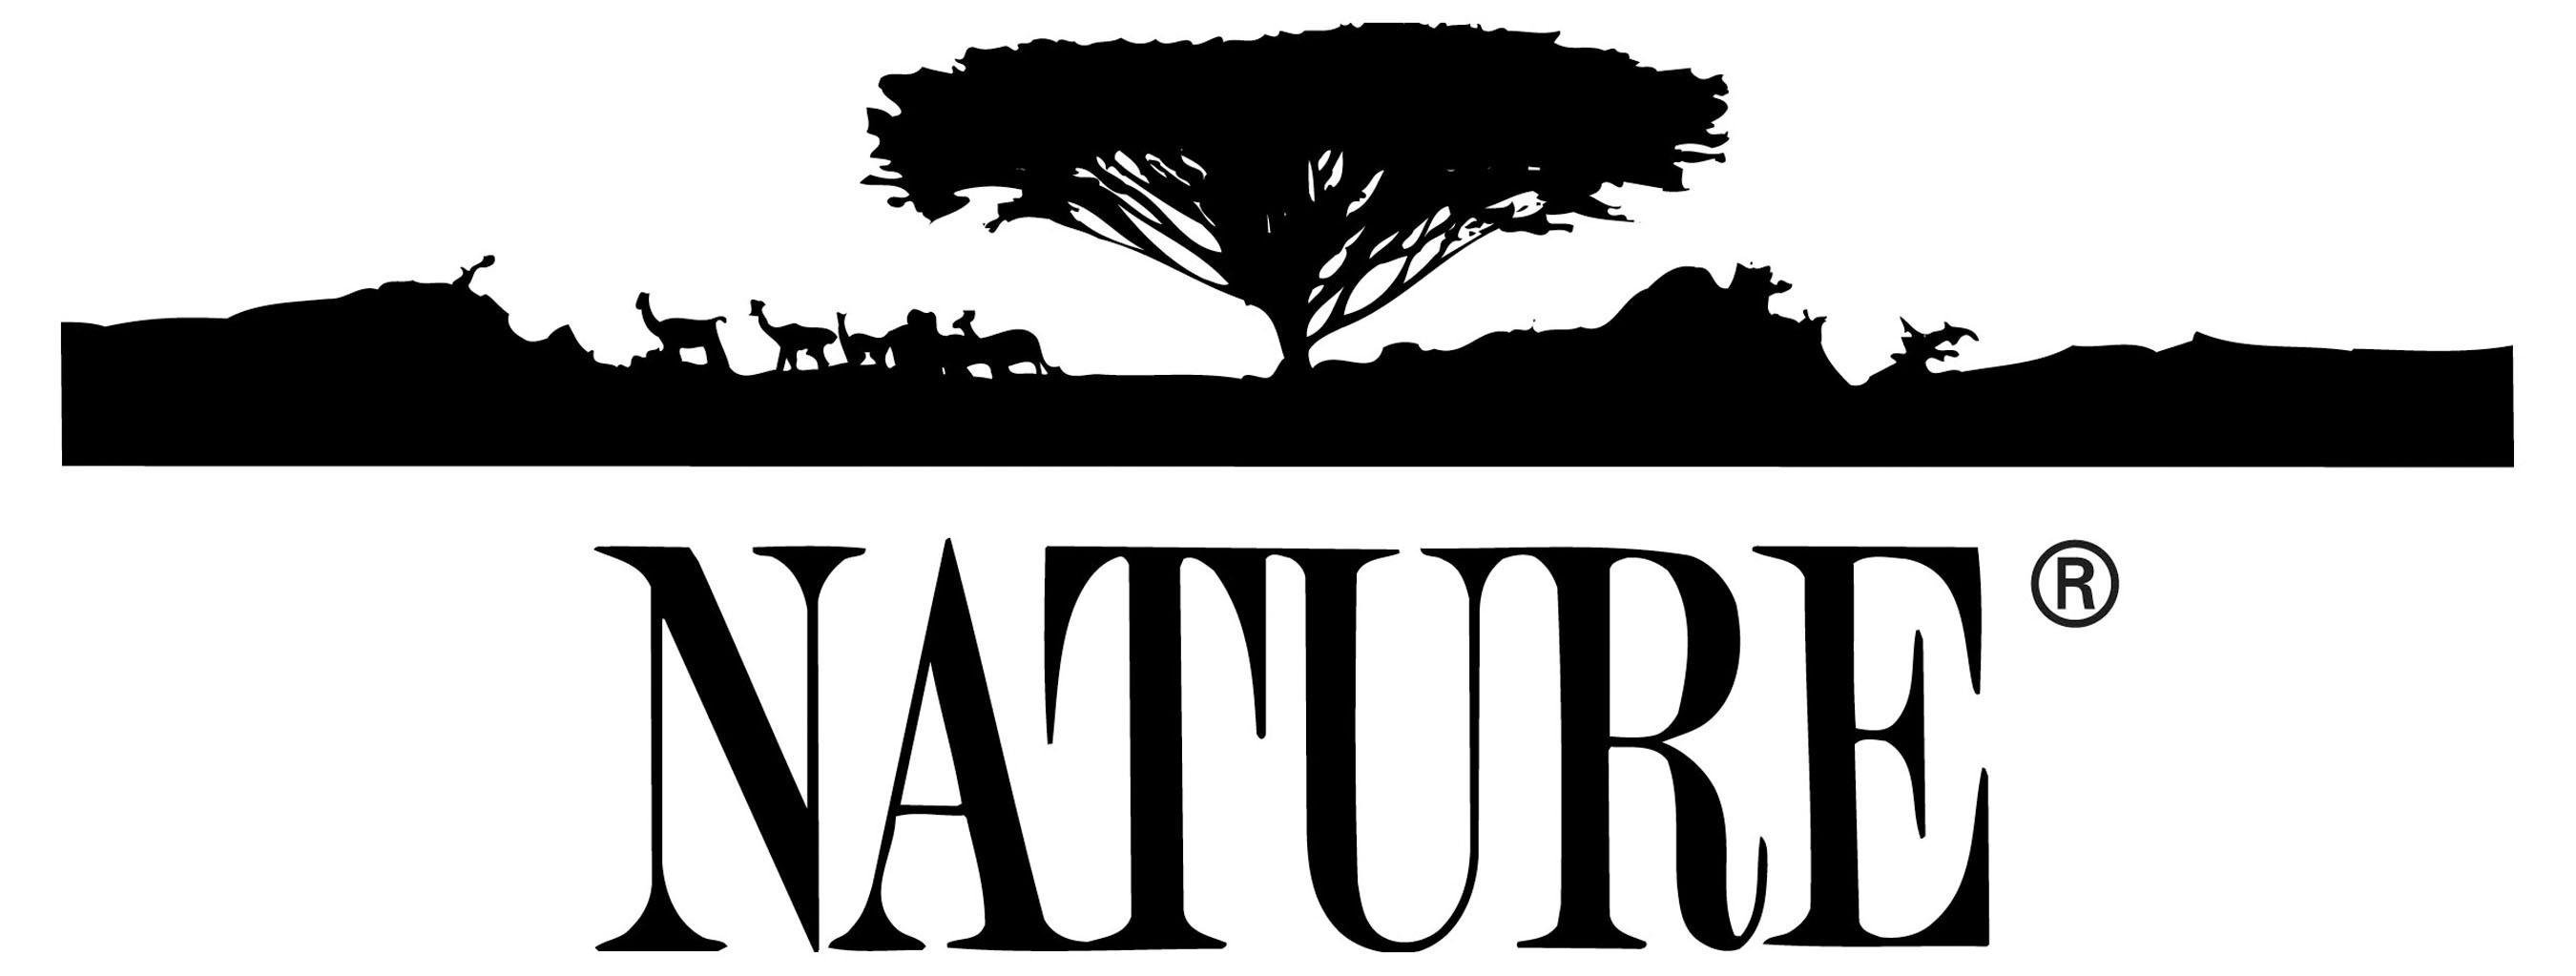 NATURE PBS TV Series registered logo. (PRNewsFoto/WNET) (PRNewsFoto/WNET)